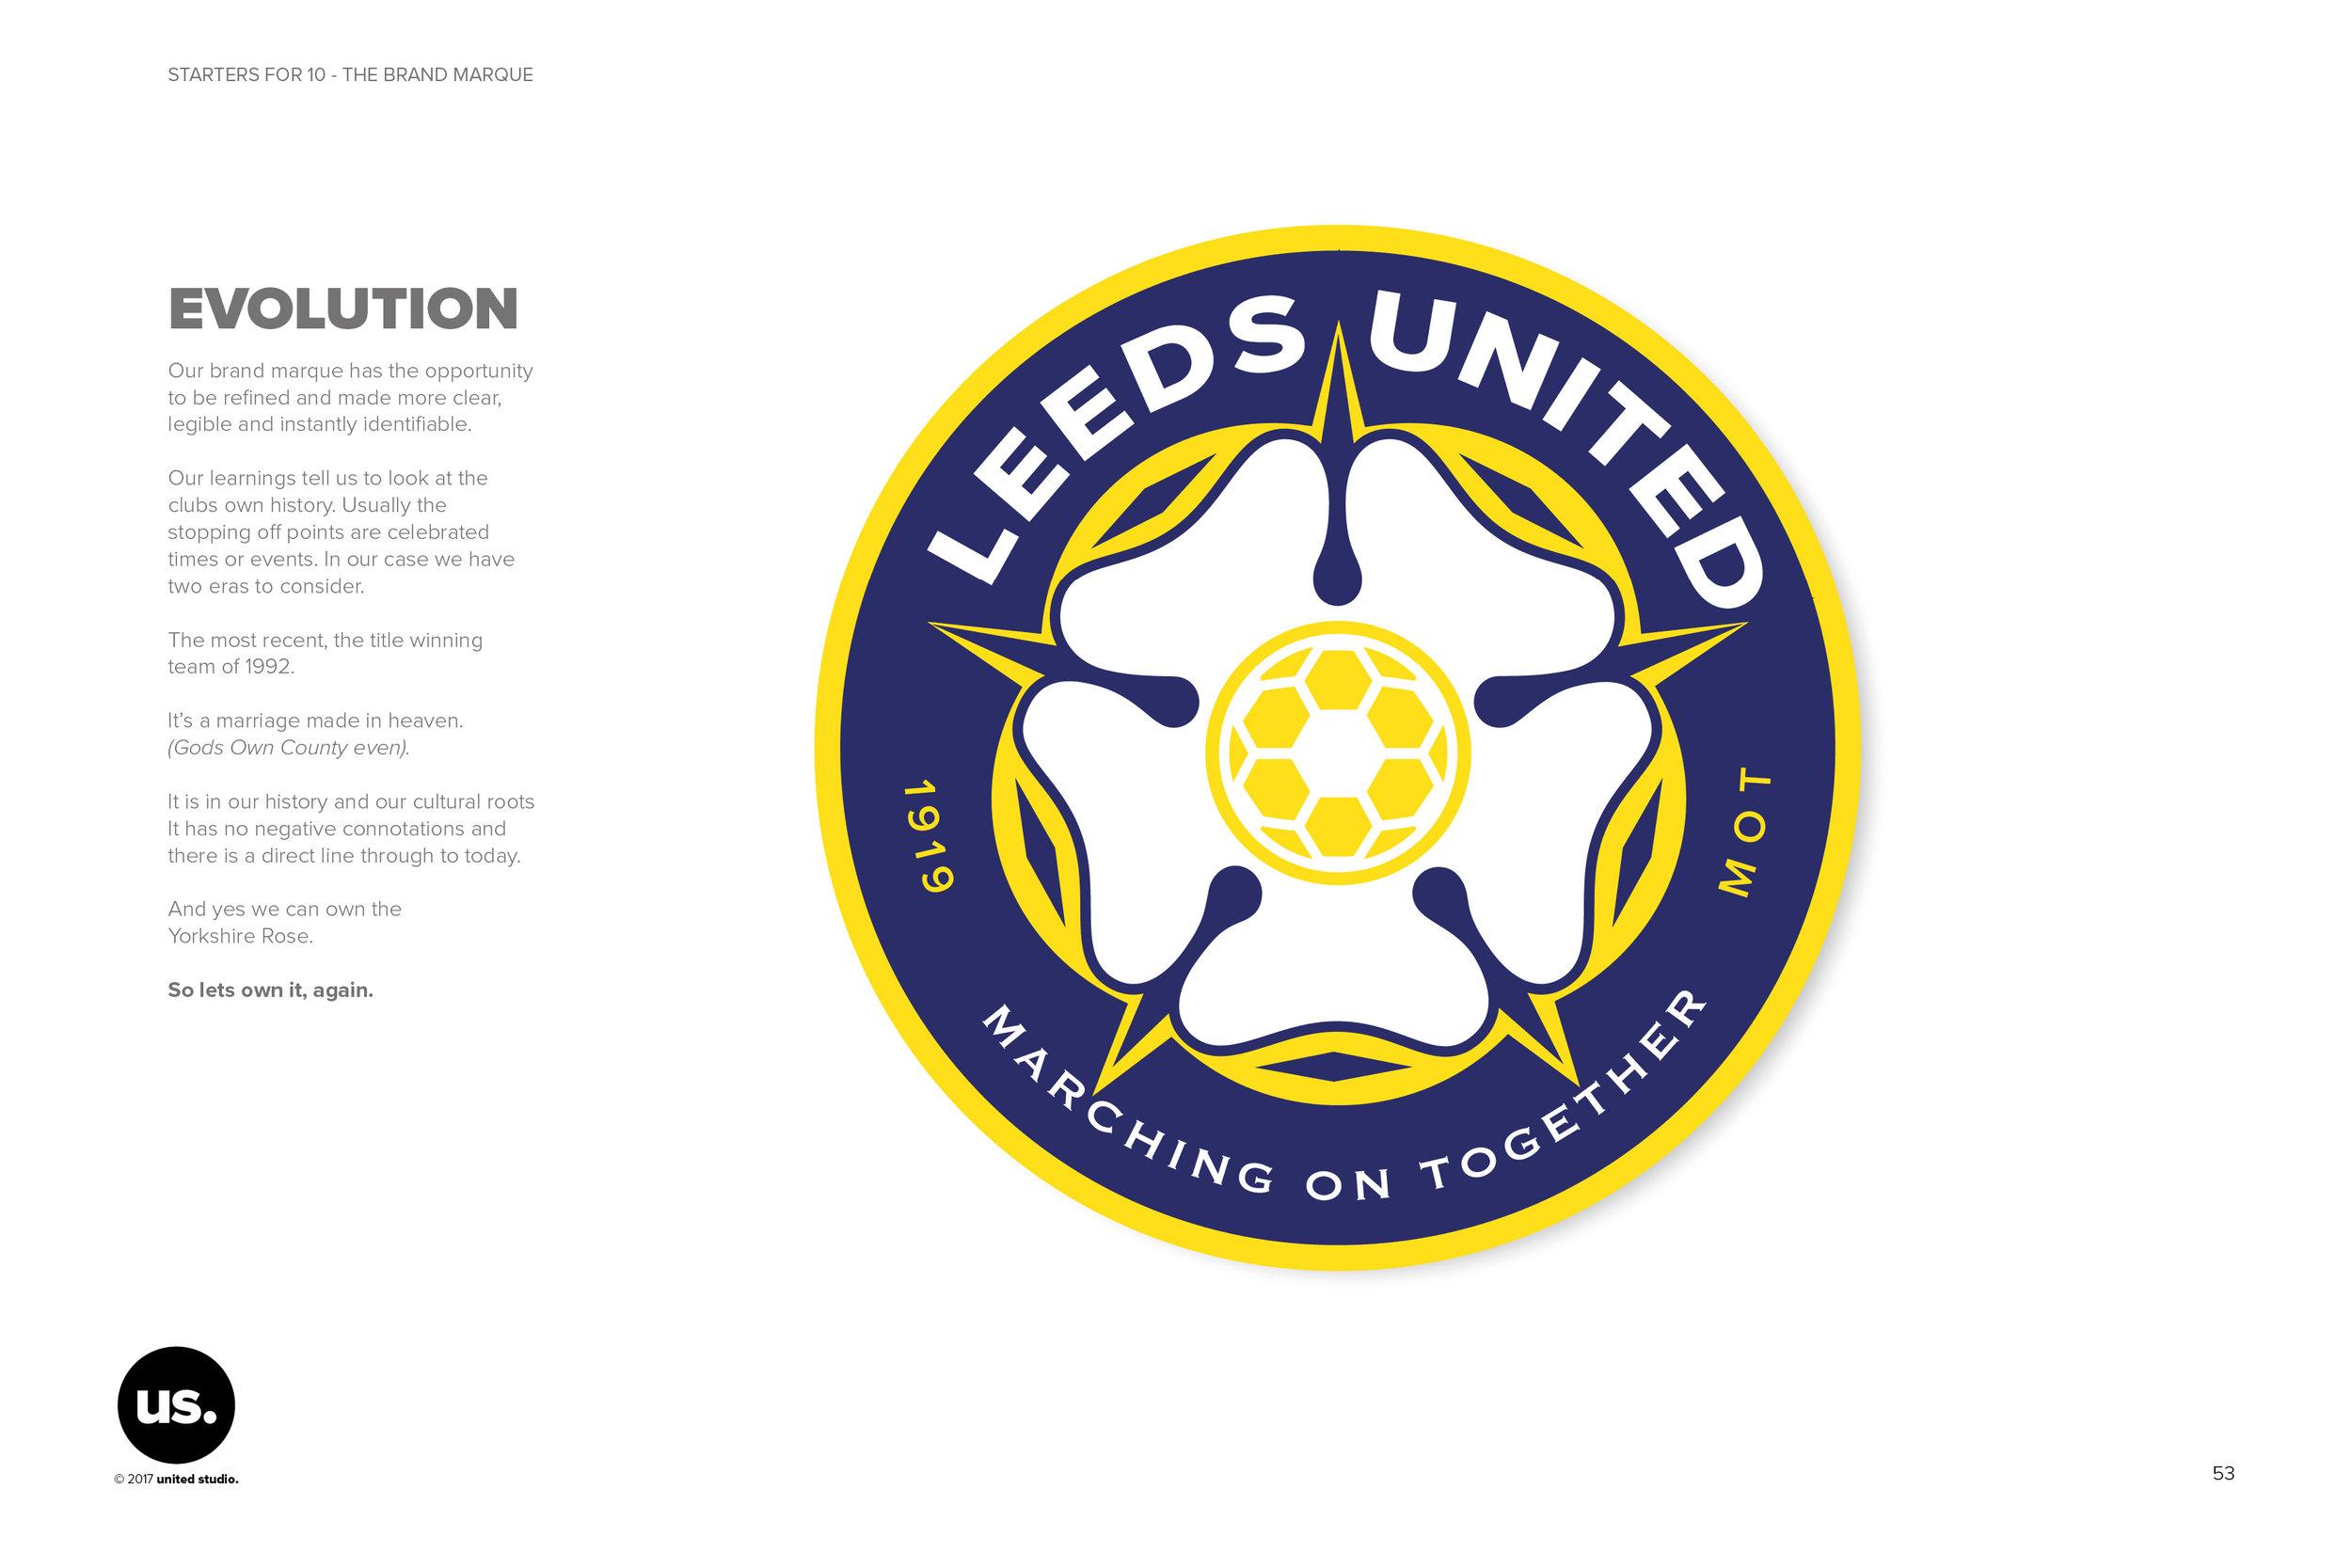 LUFC_united_studio_v23b53.jpg